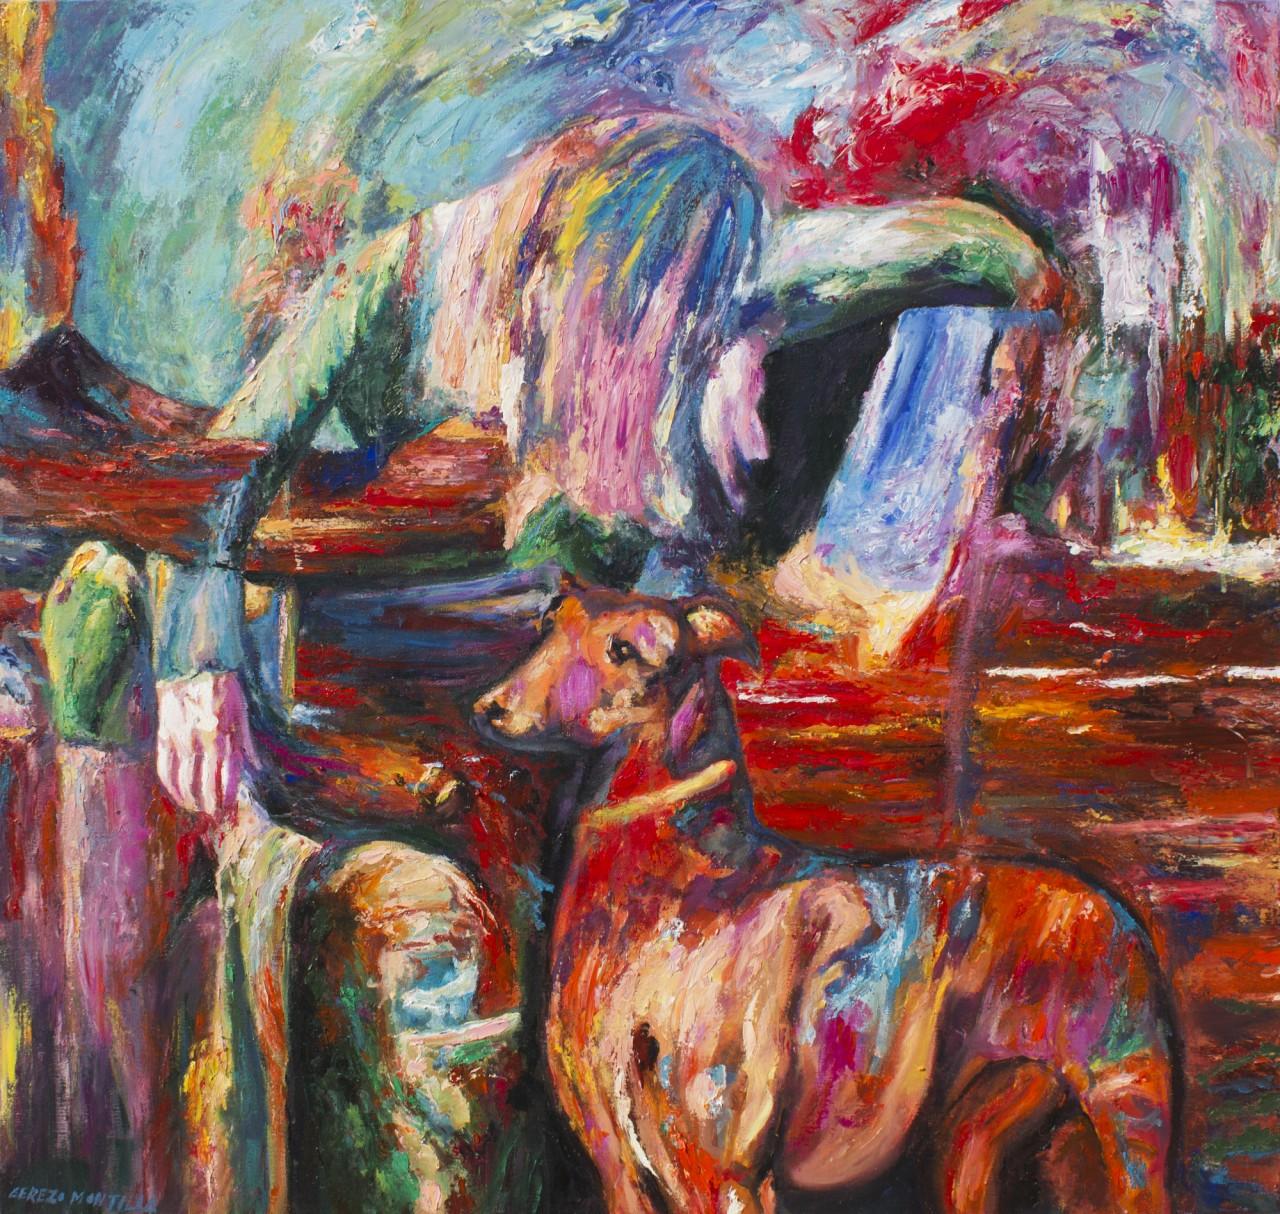 Vanitas - Cerezo Montilla - compar cuadros modernos, comprar cuadros, cuadros modernos